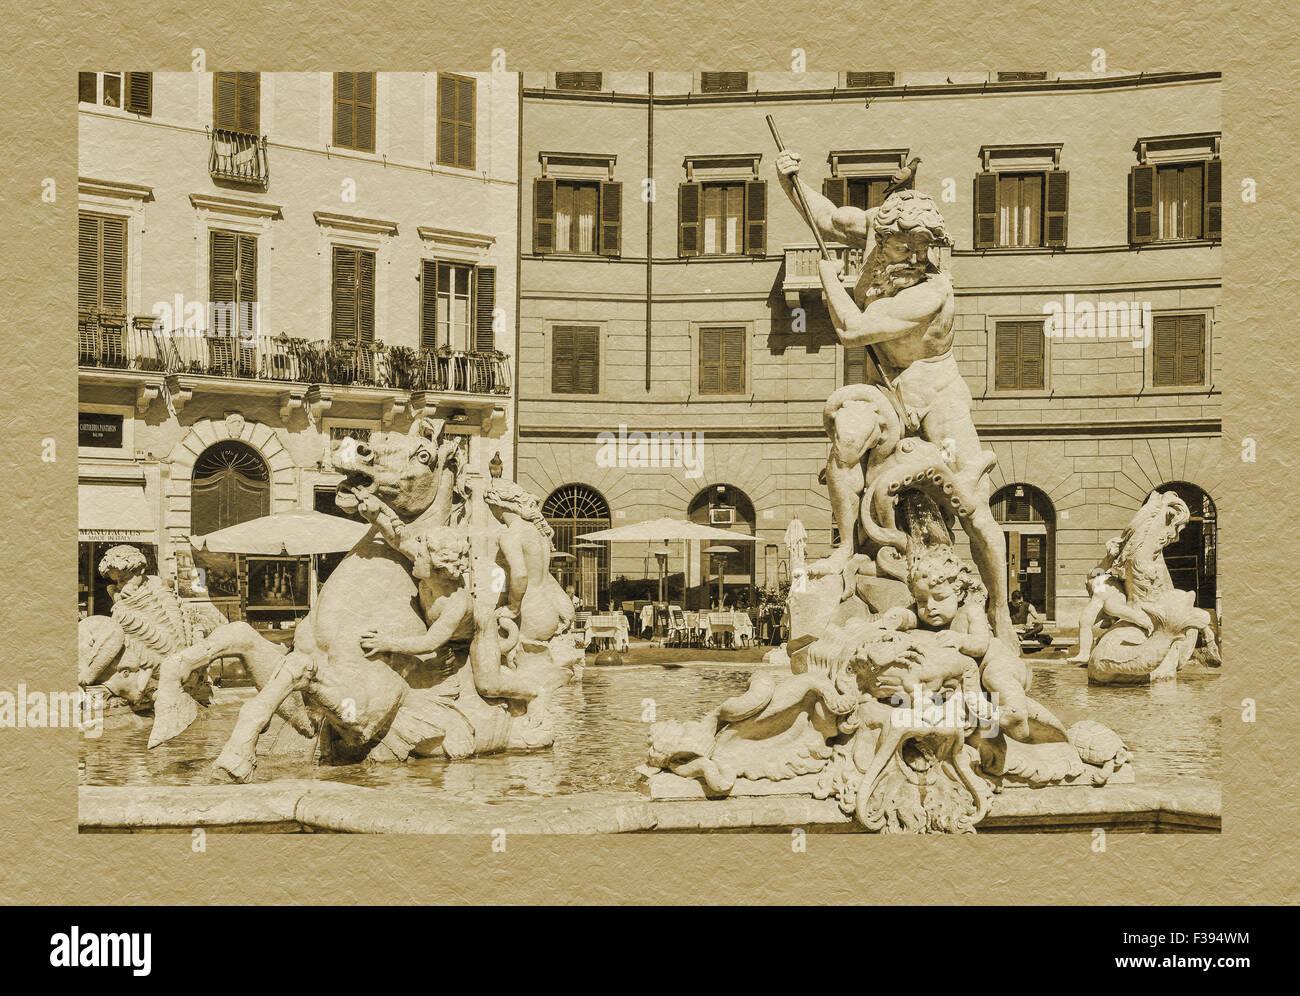 Fountain of Neptune Fontana del Nettuno, Piazza Navona, Rome, Lazio, Italy, Europe - Stock Image